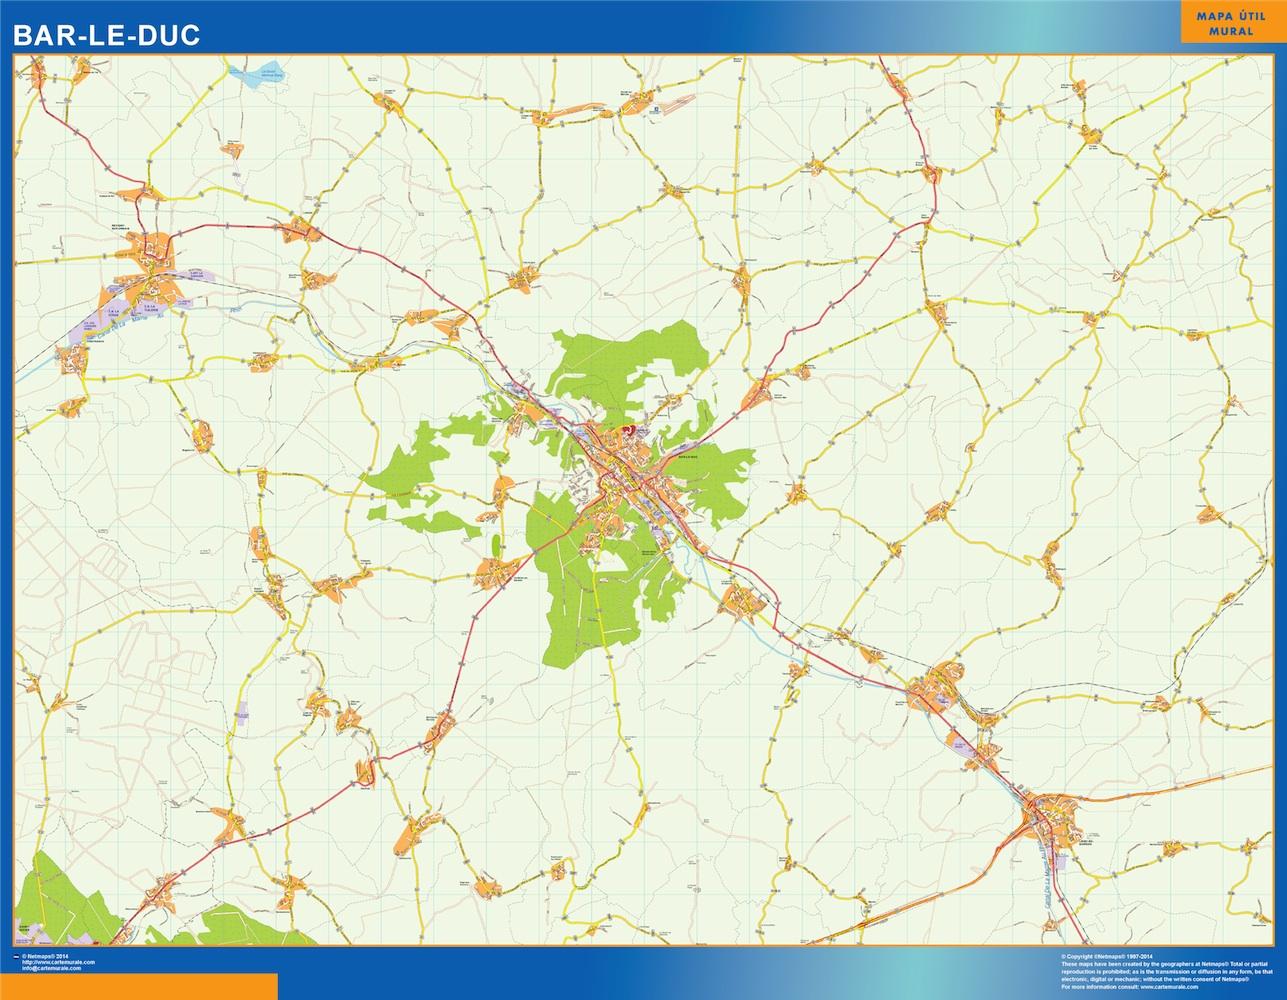 bar-le-duc street map